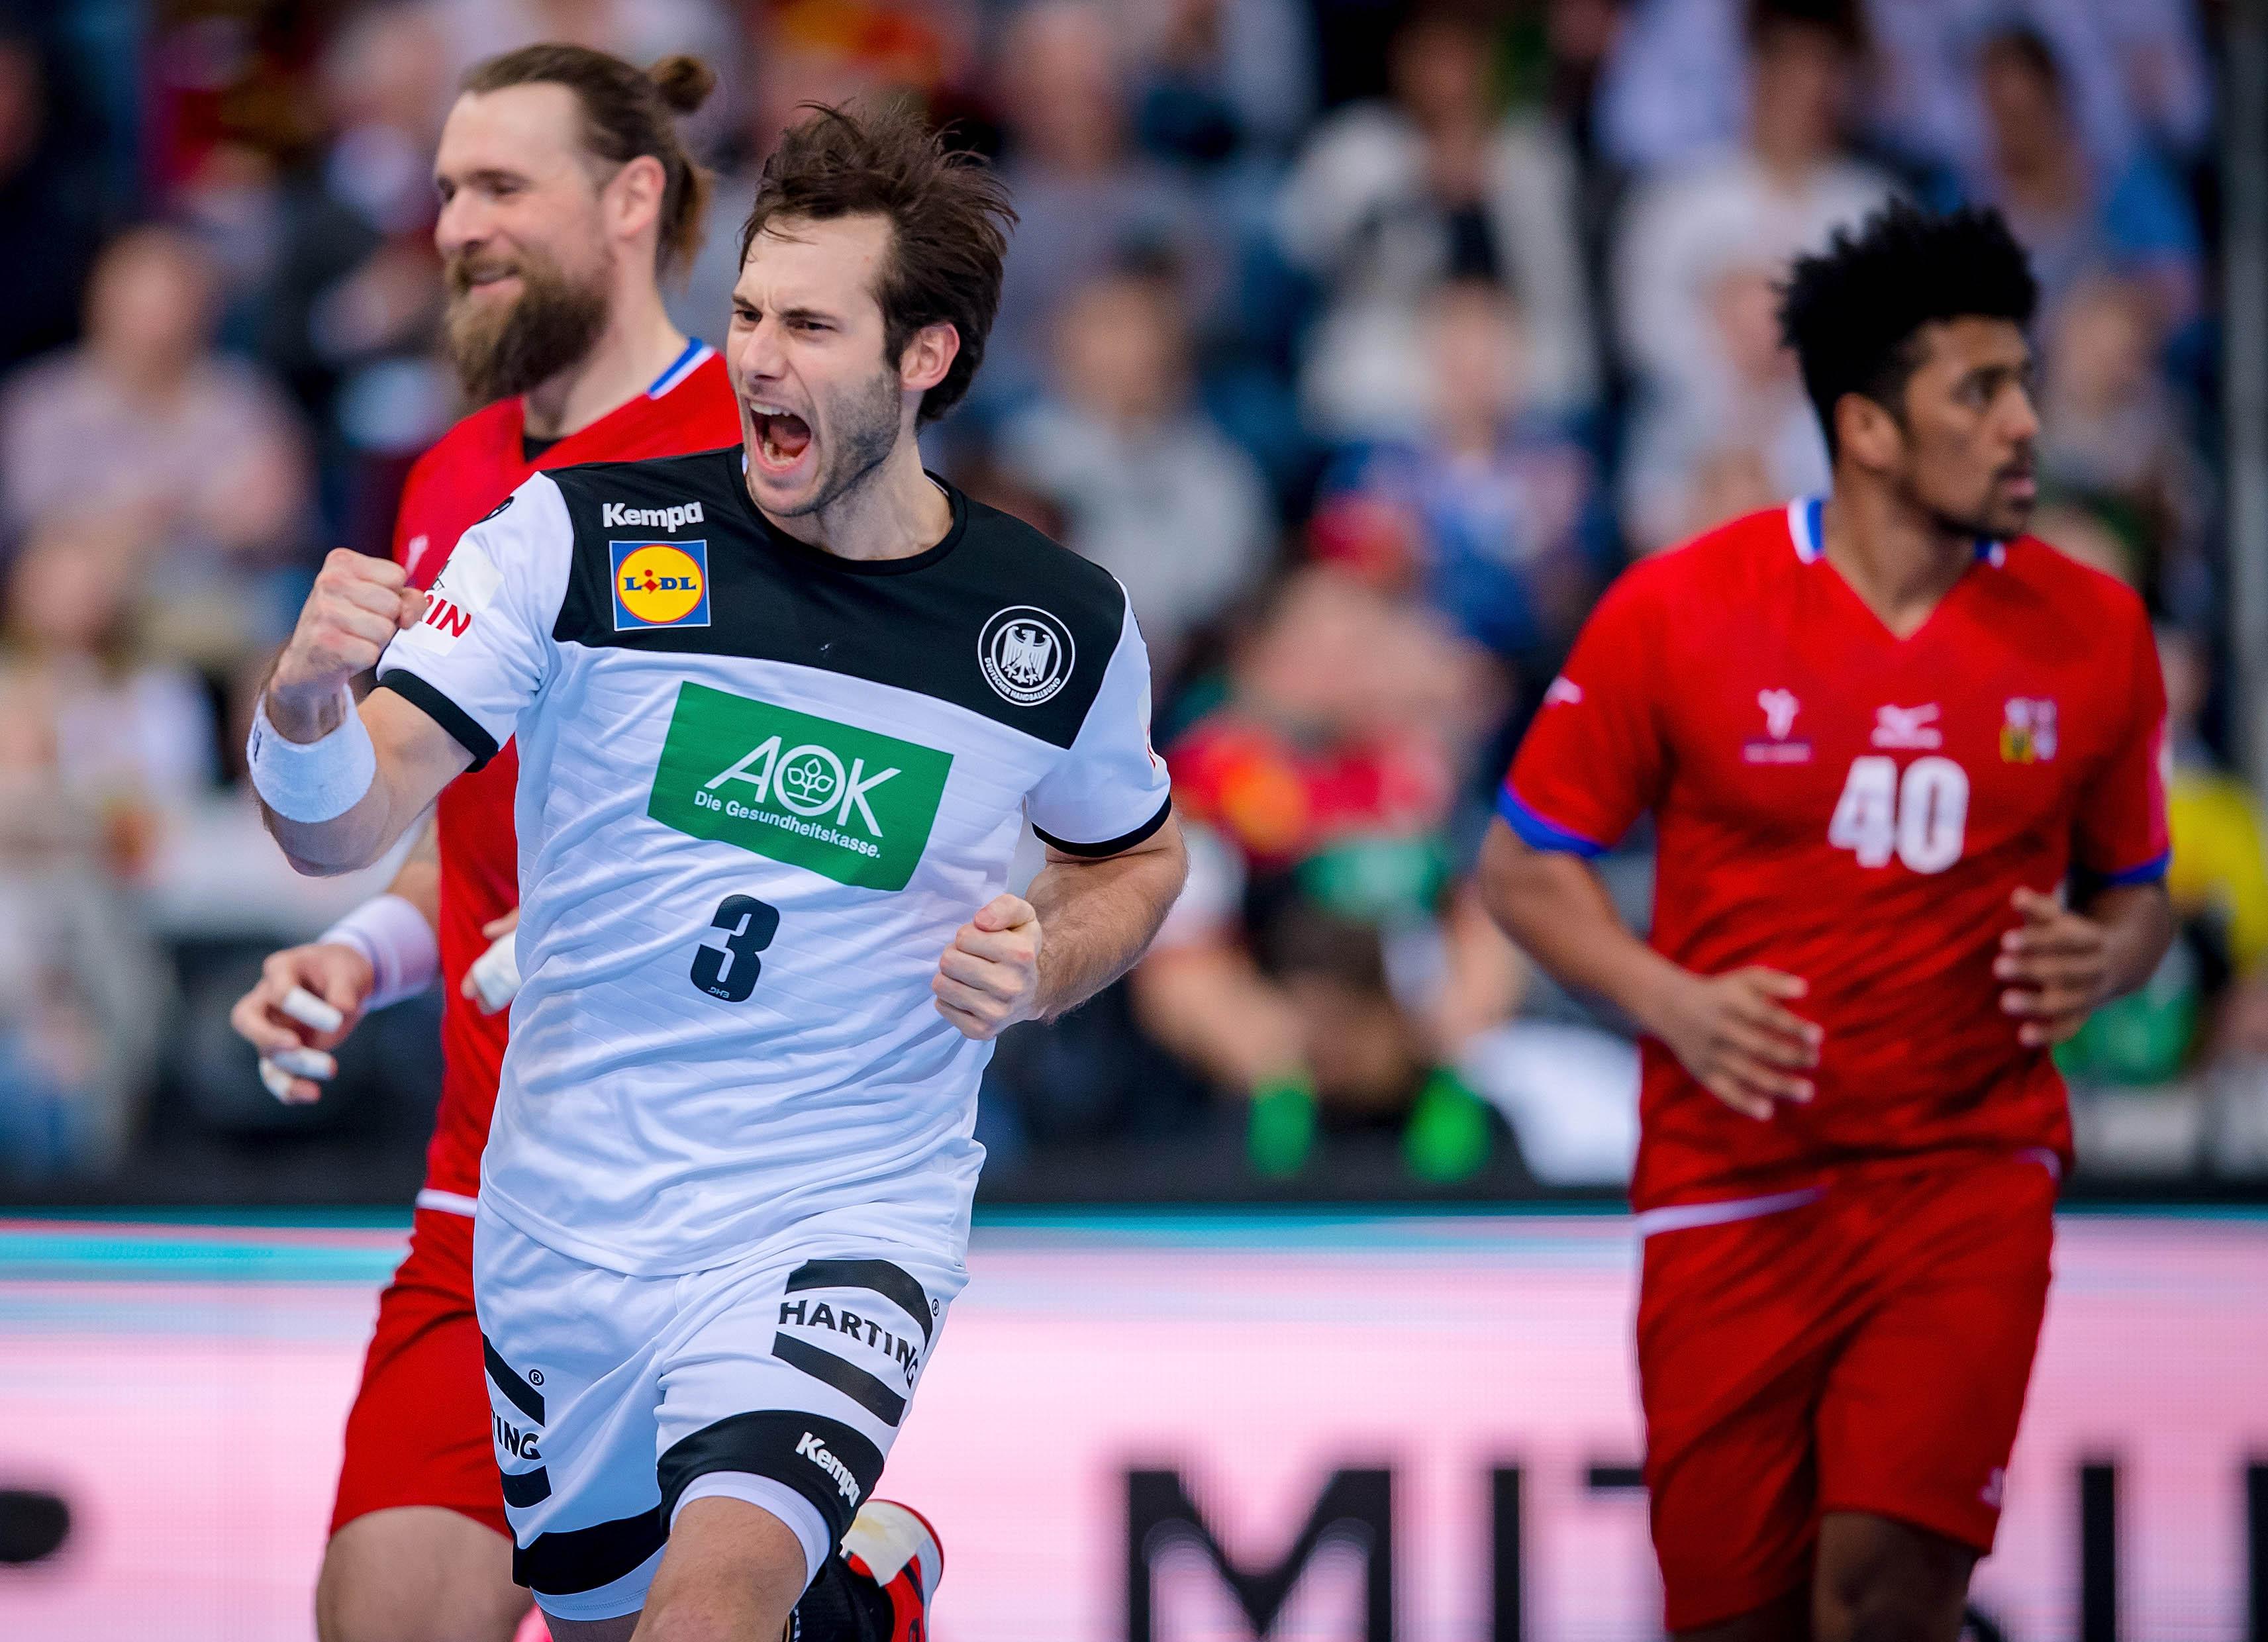 Handball Landerspiel Ger Vs Isl Am 04 Januar 2020 17 20